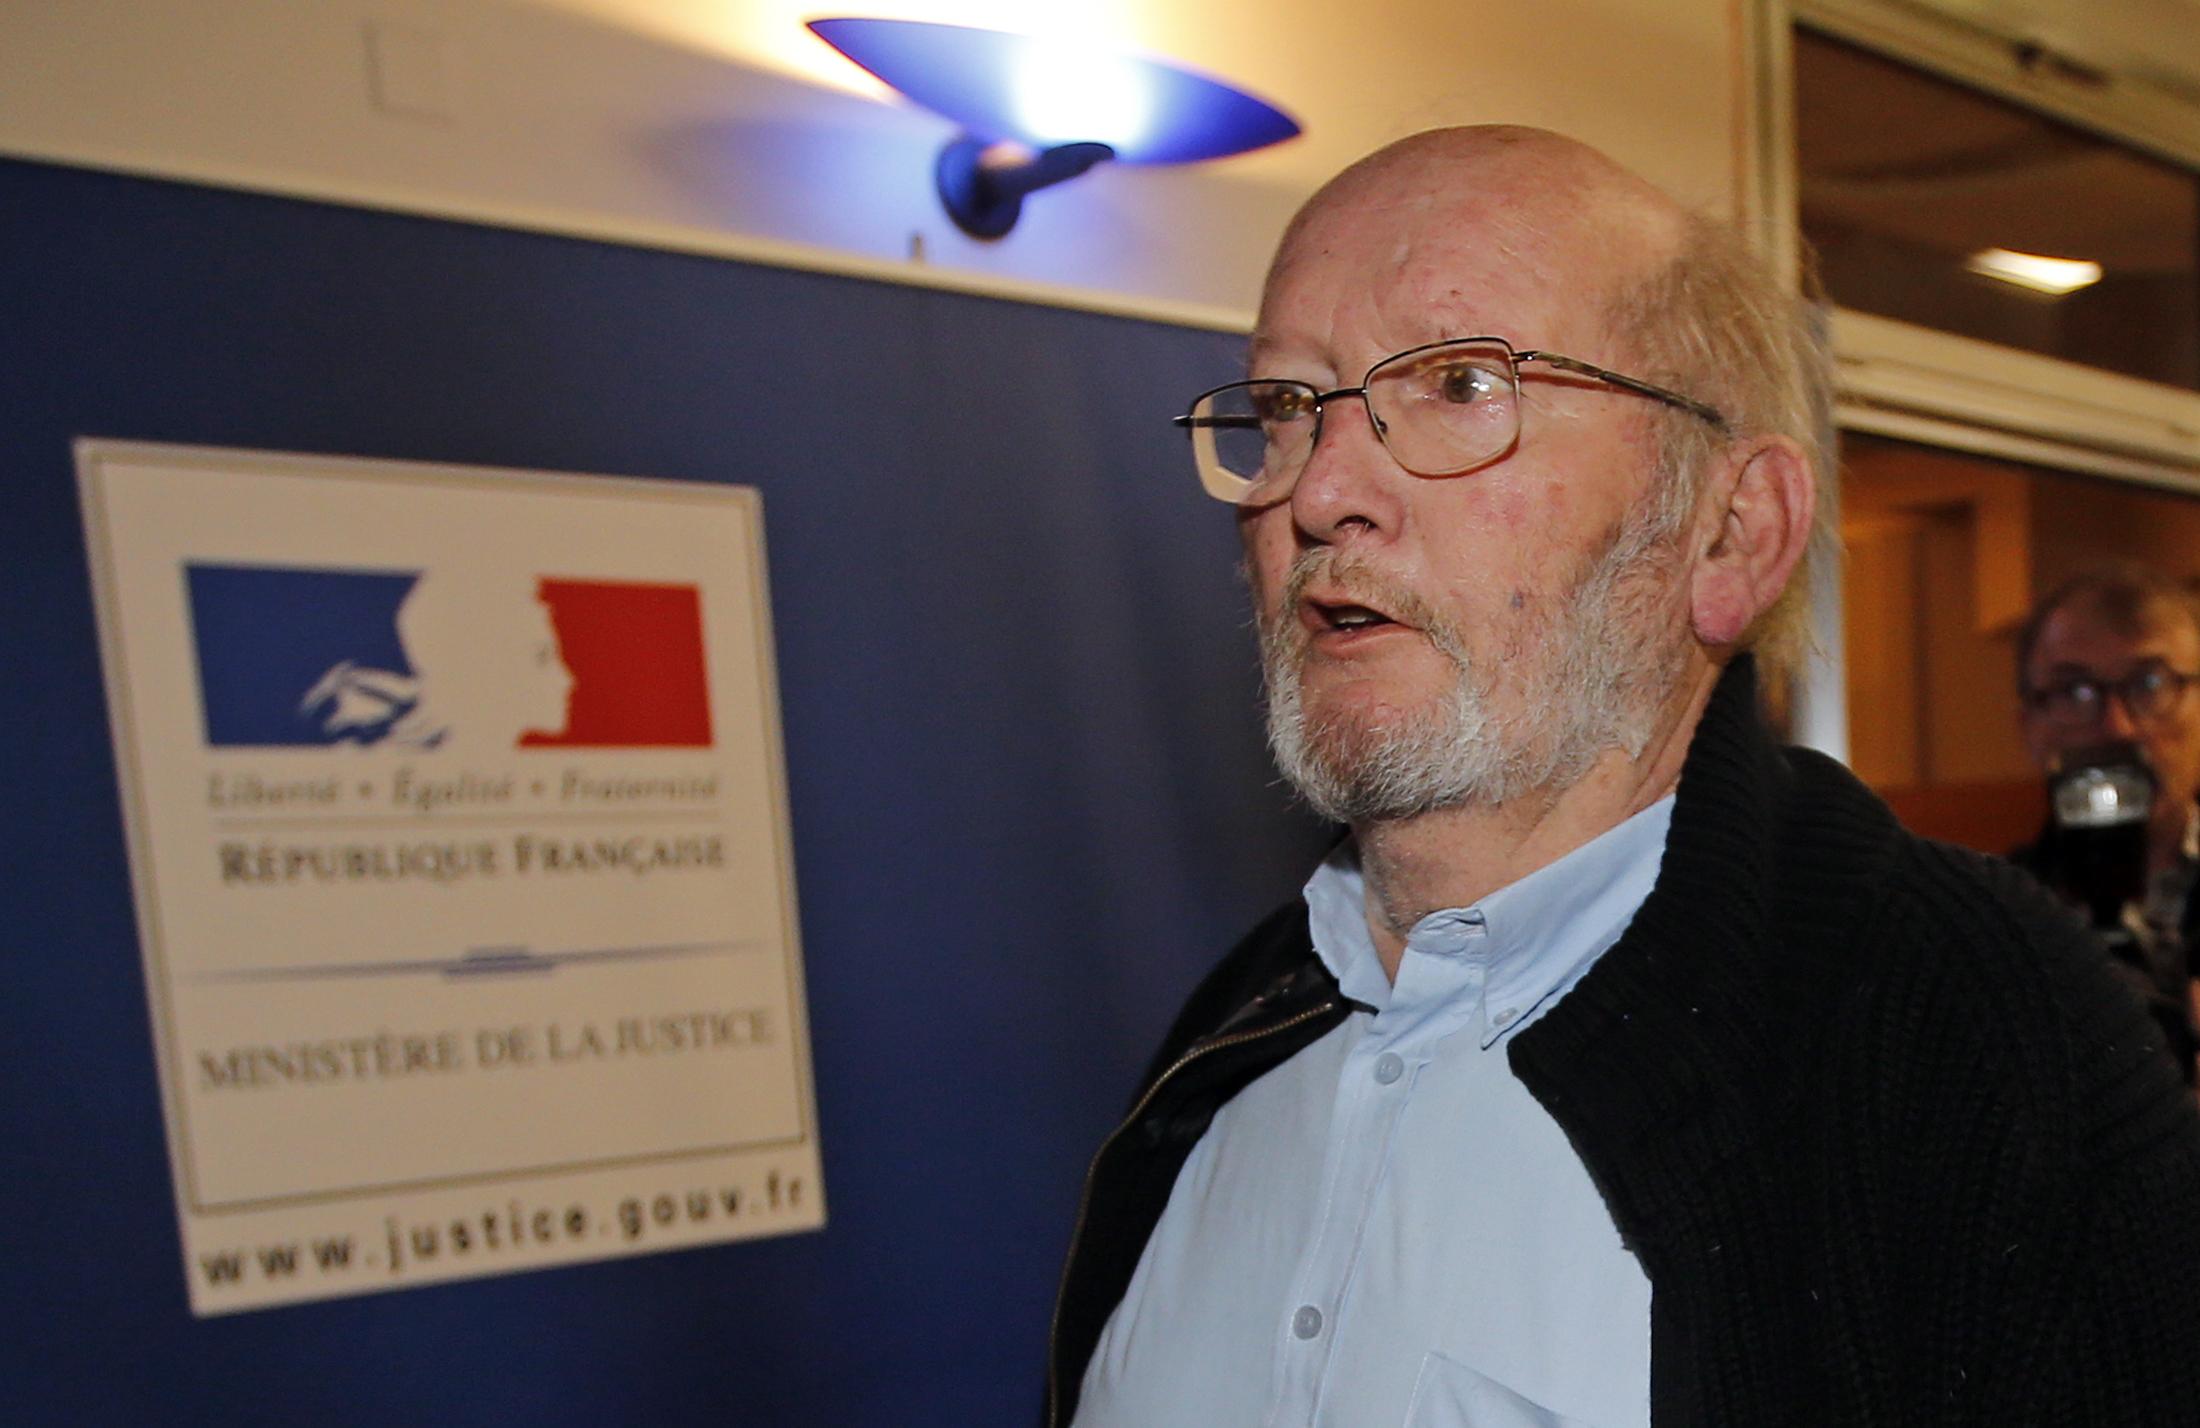 PROTHÈSES PIP: LA CJUE CONFIRME DES INDEMNISATIONS RÉSERVÉES AUX VICTIMES FRANÇAISES